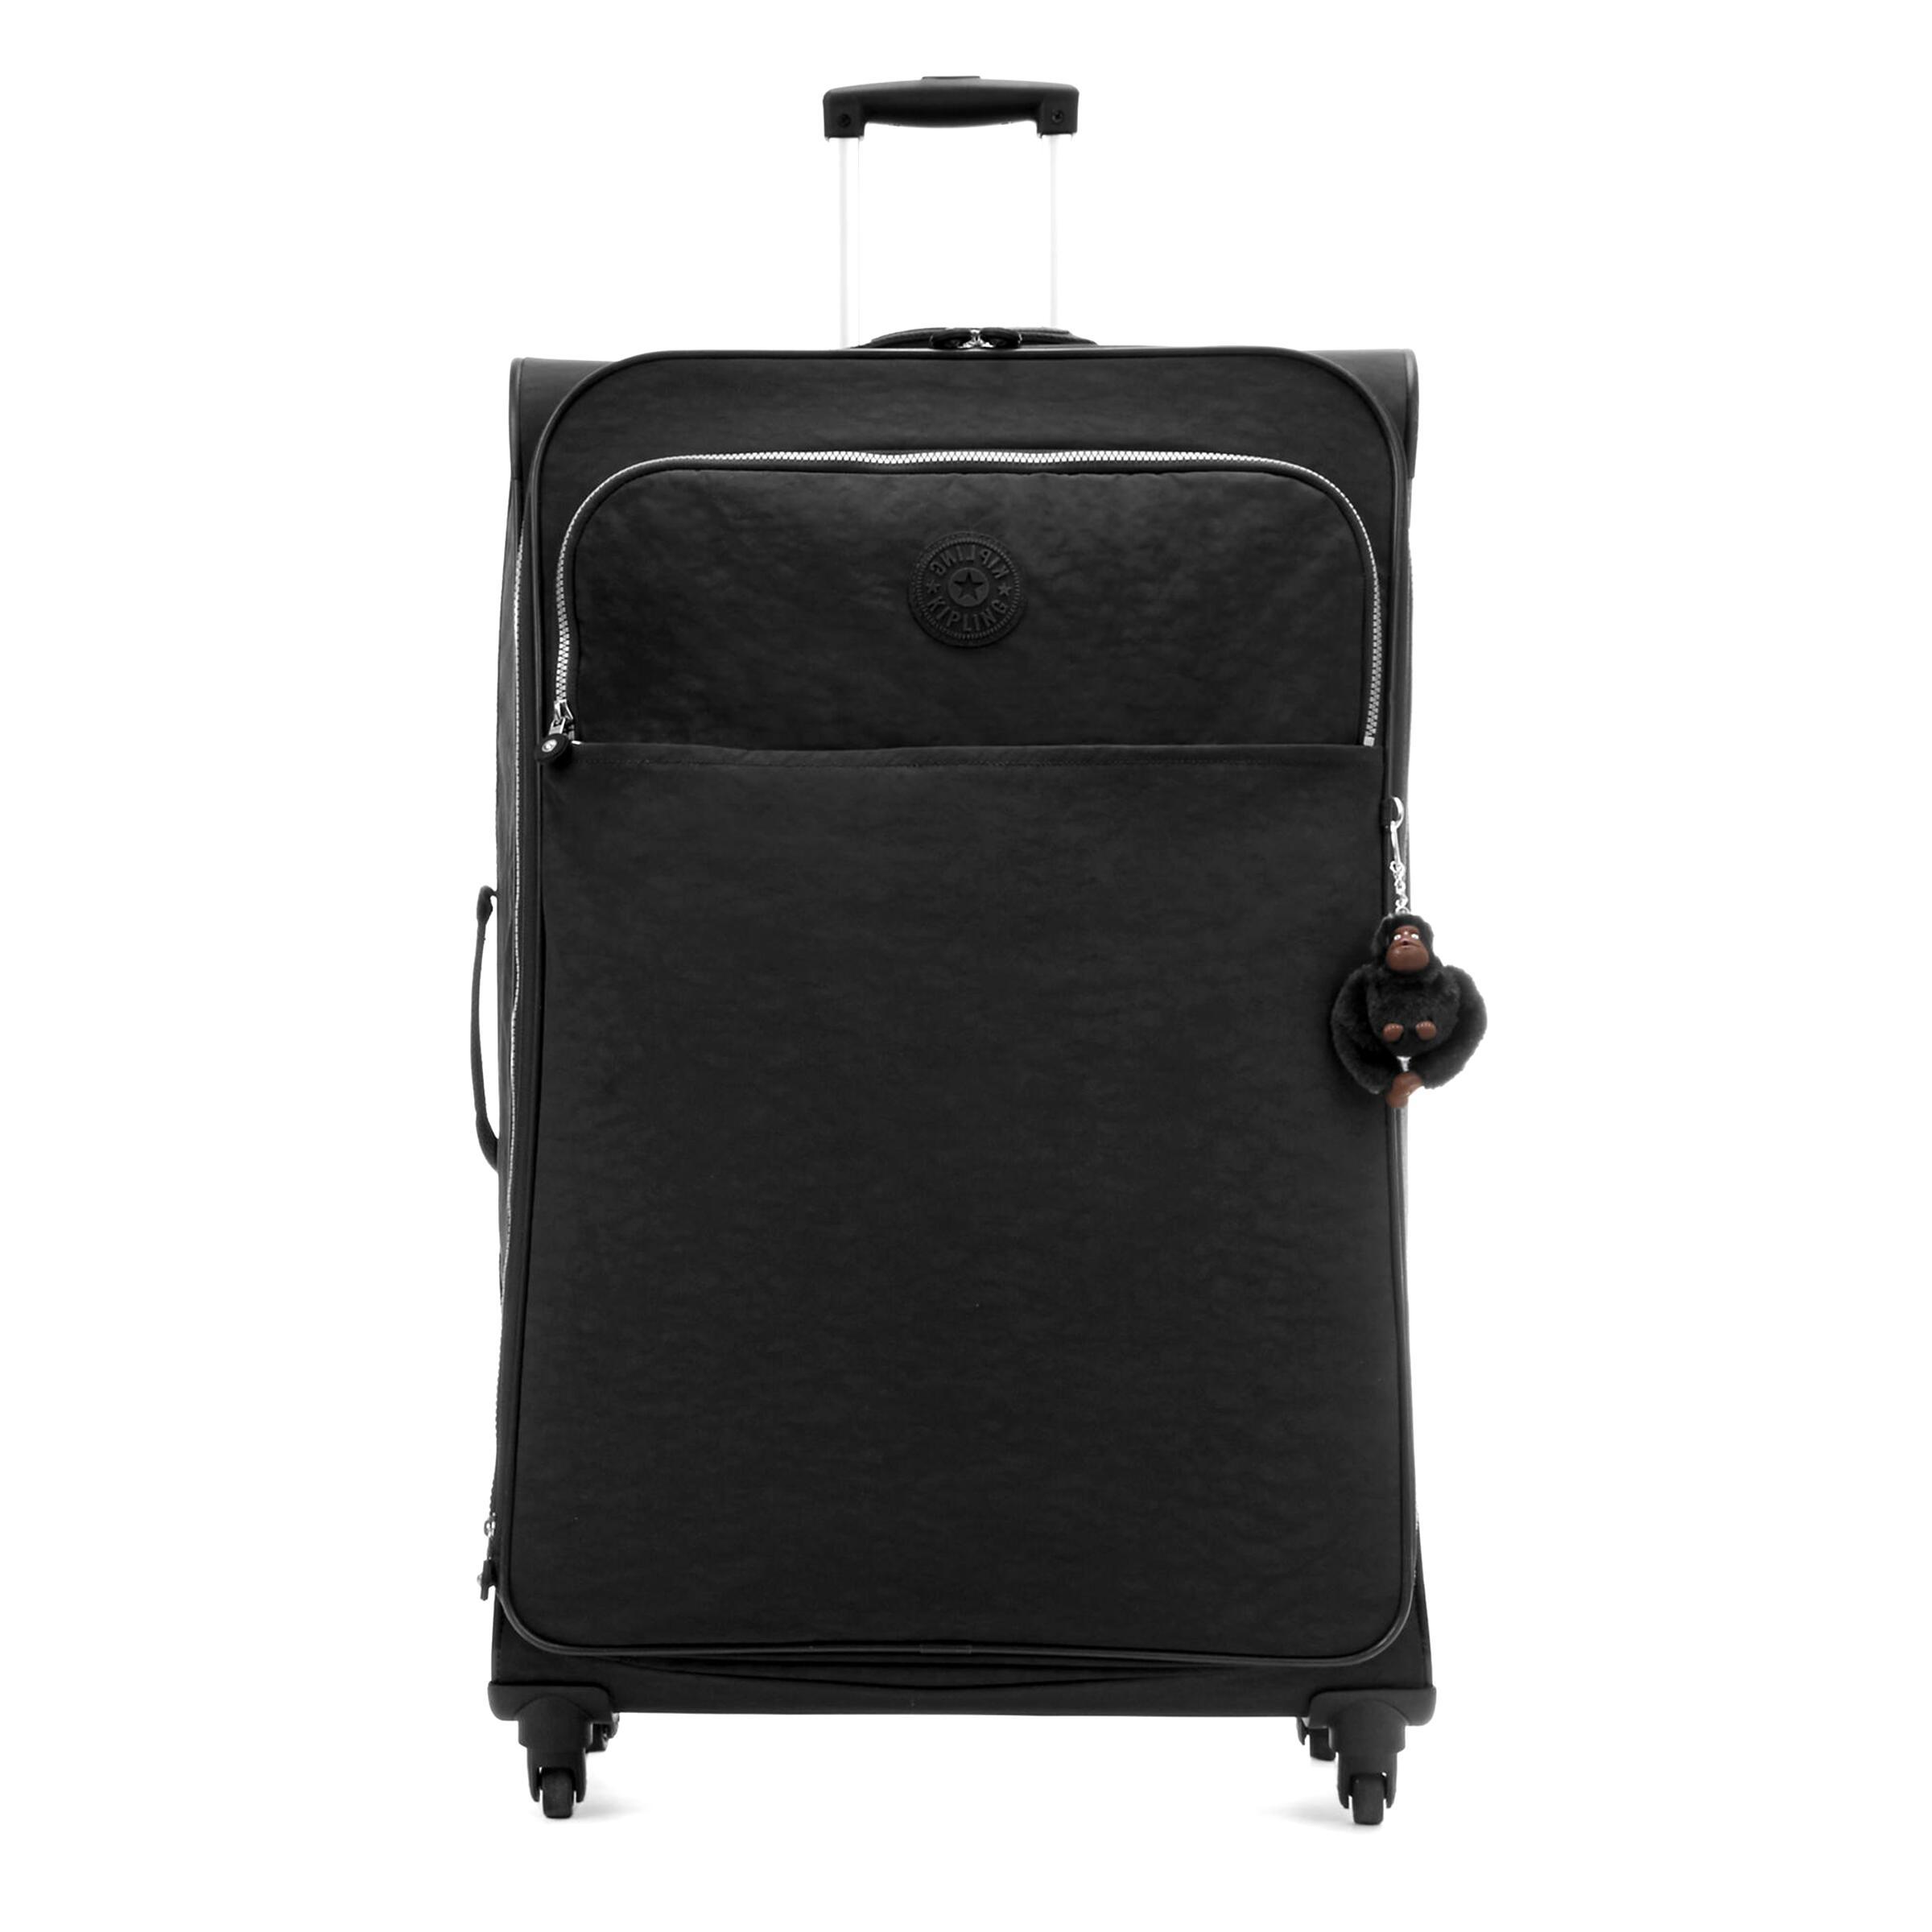 kipling luggage for sale